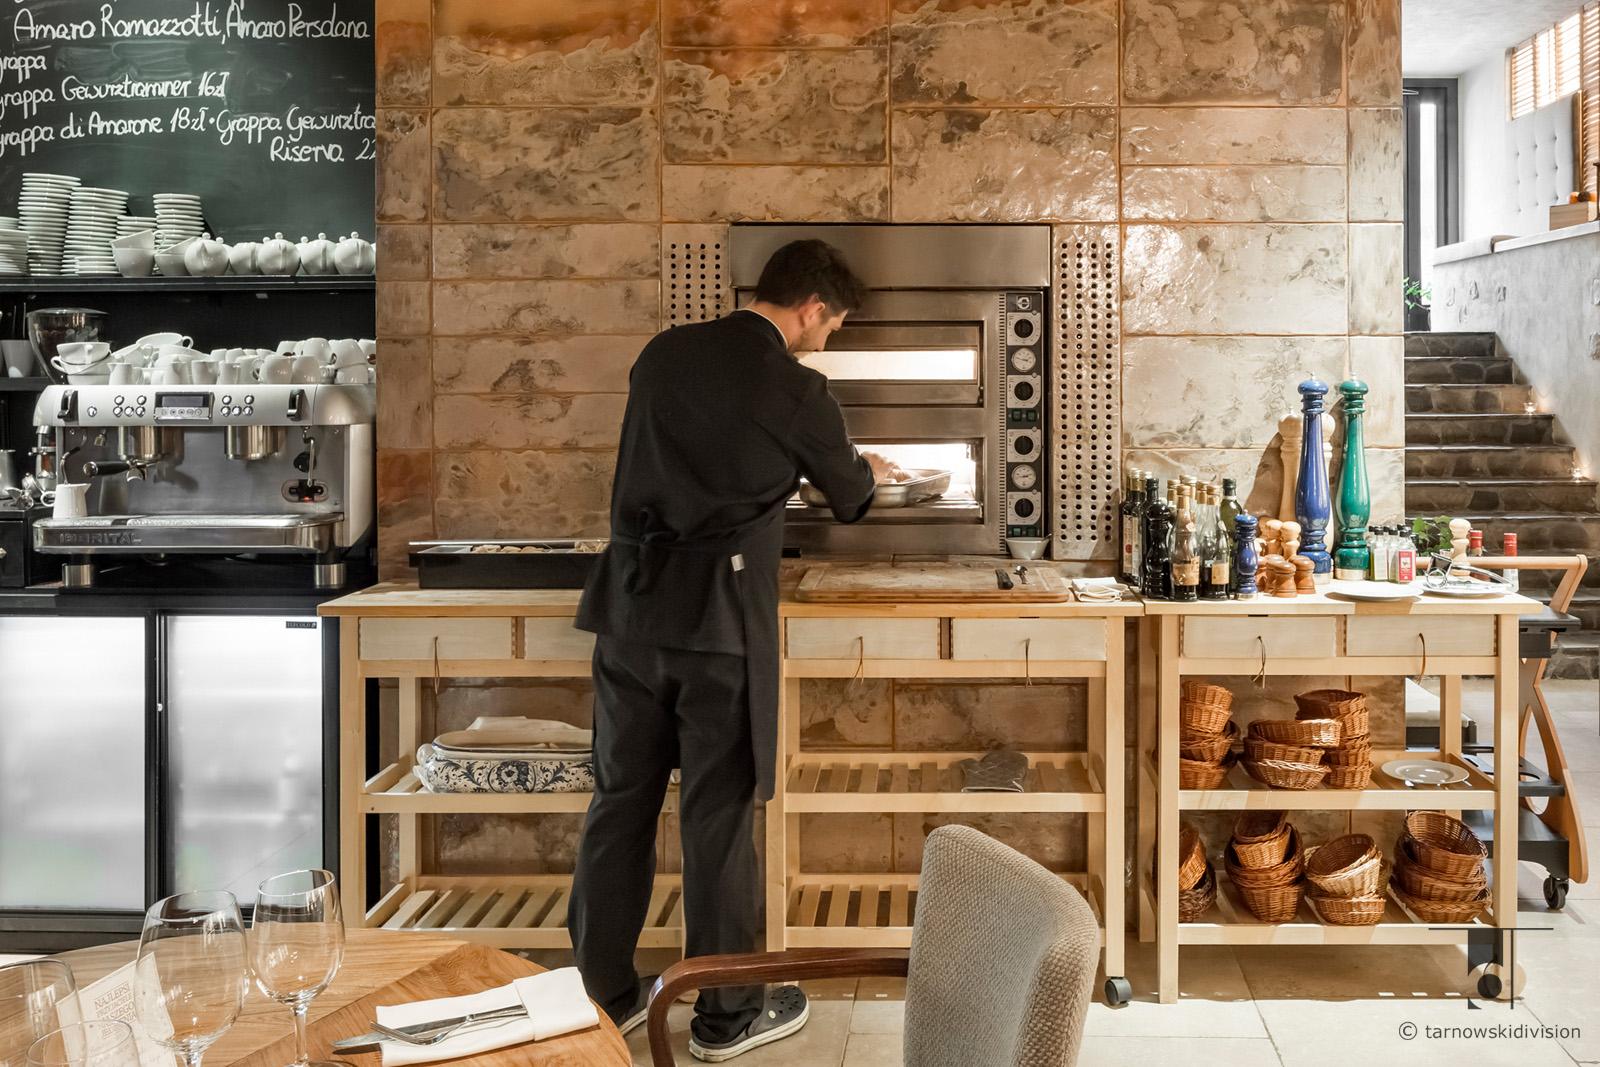 projekt wnętrz restauracji włoskiej Chianti restauracja italian restaurant interior design_tarnowskidivision